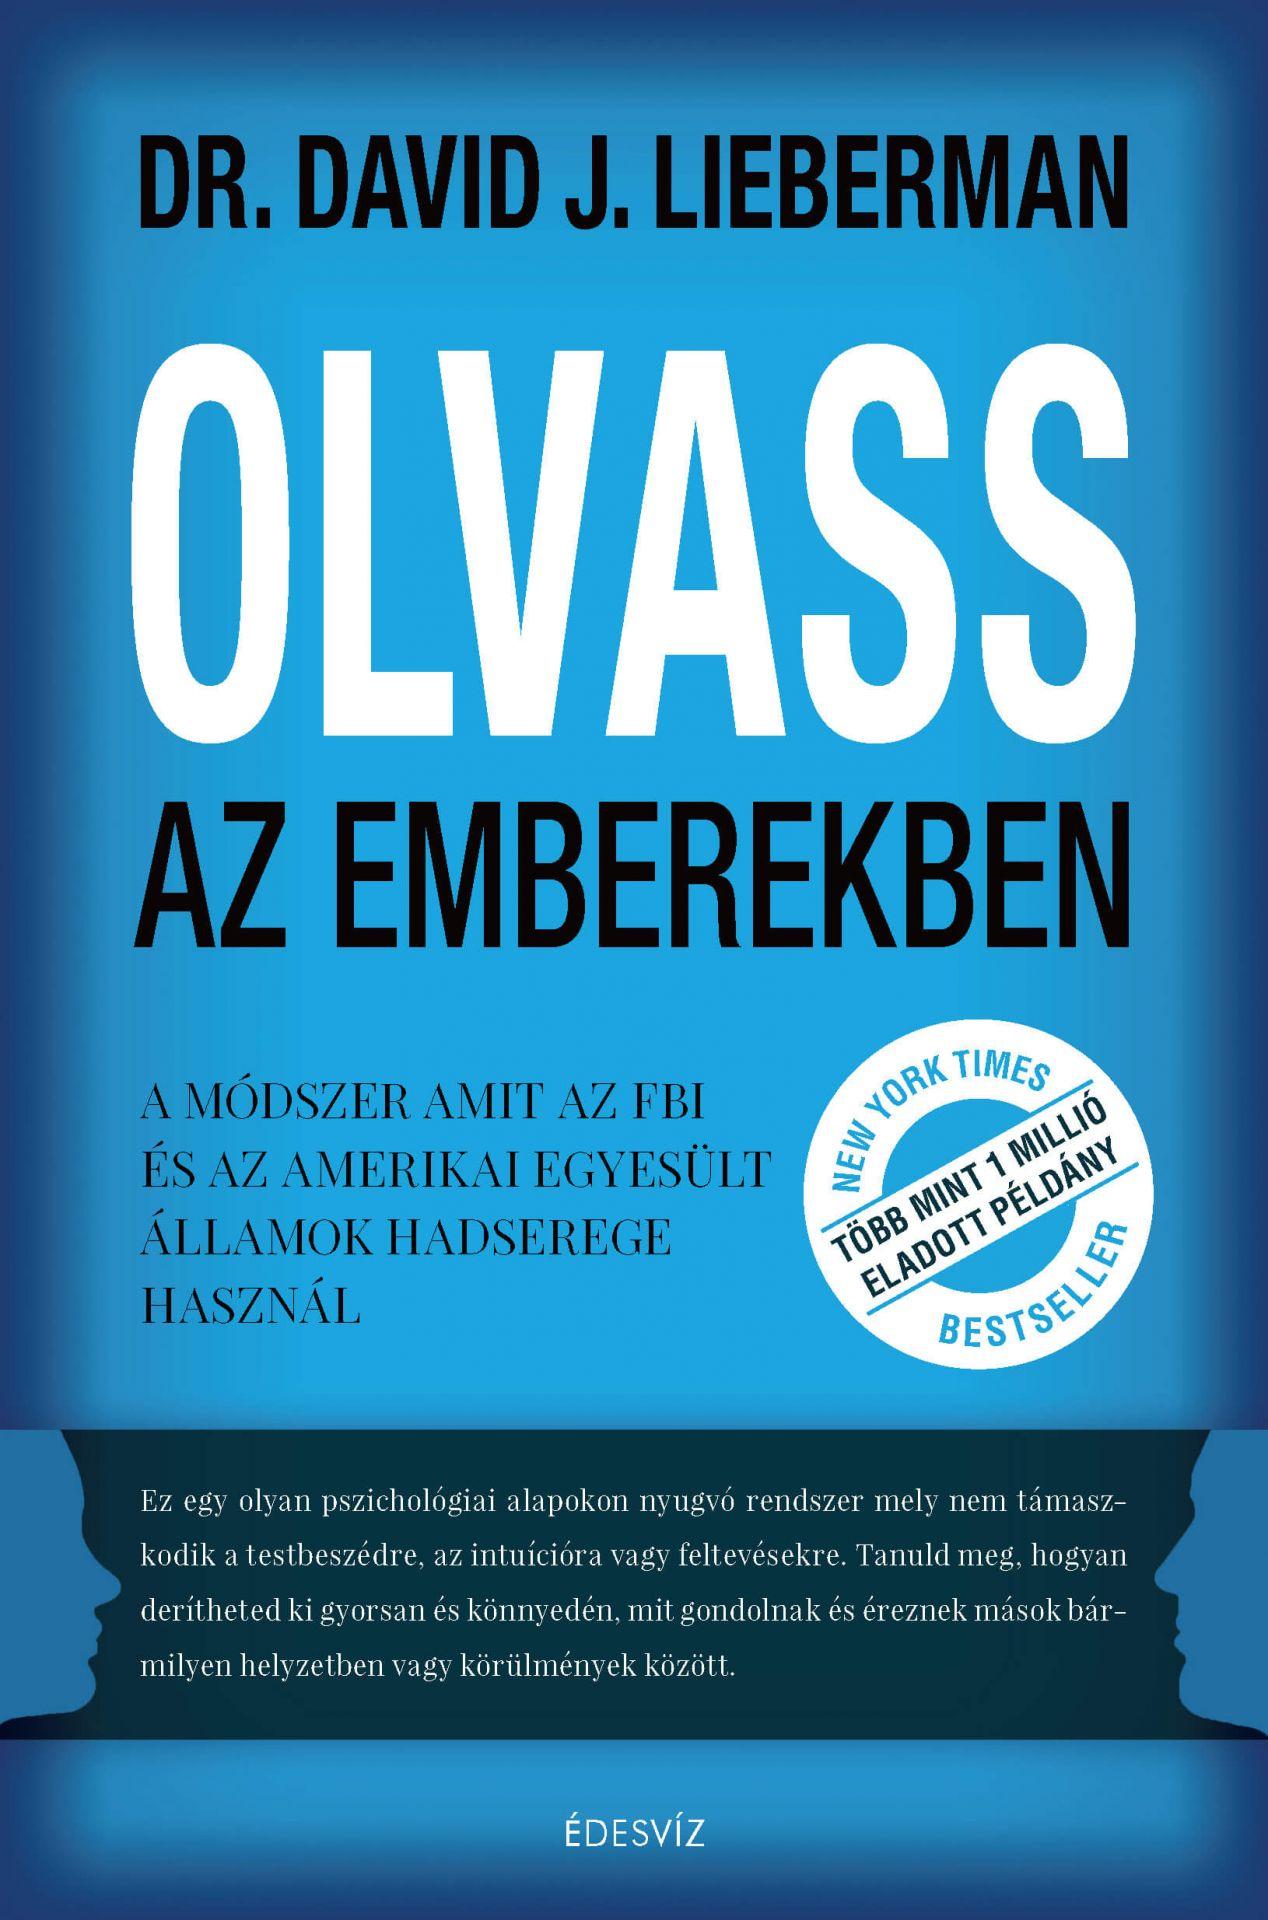 kerekféreg leírása és kezelése a finn széles szalag neve